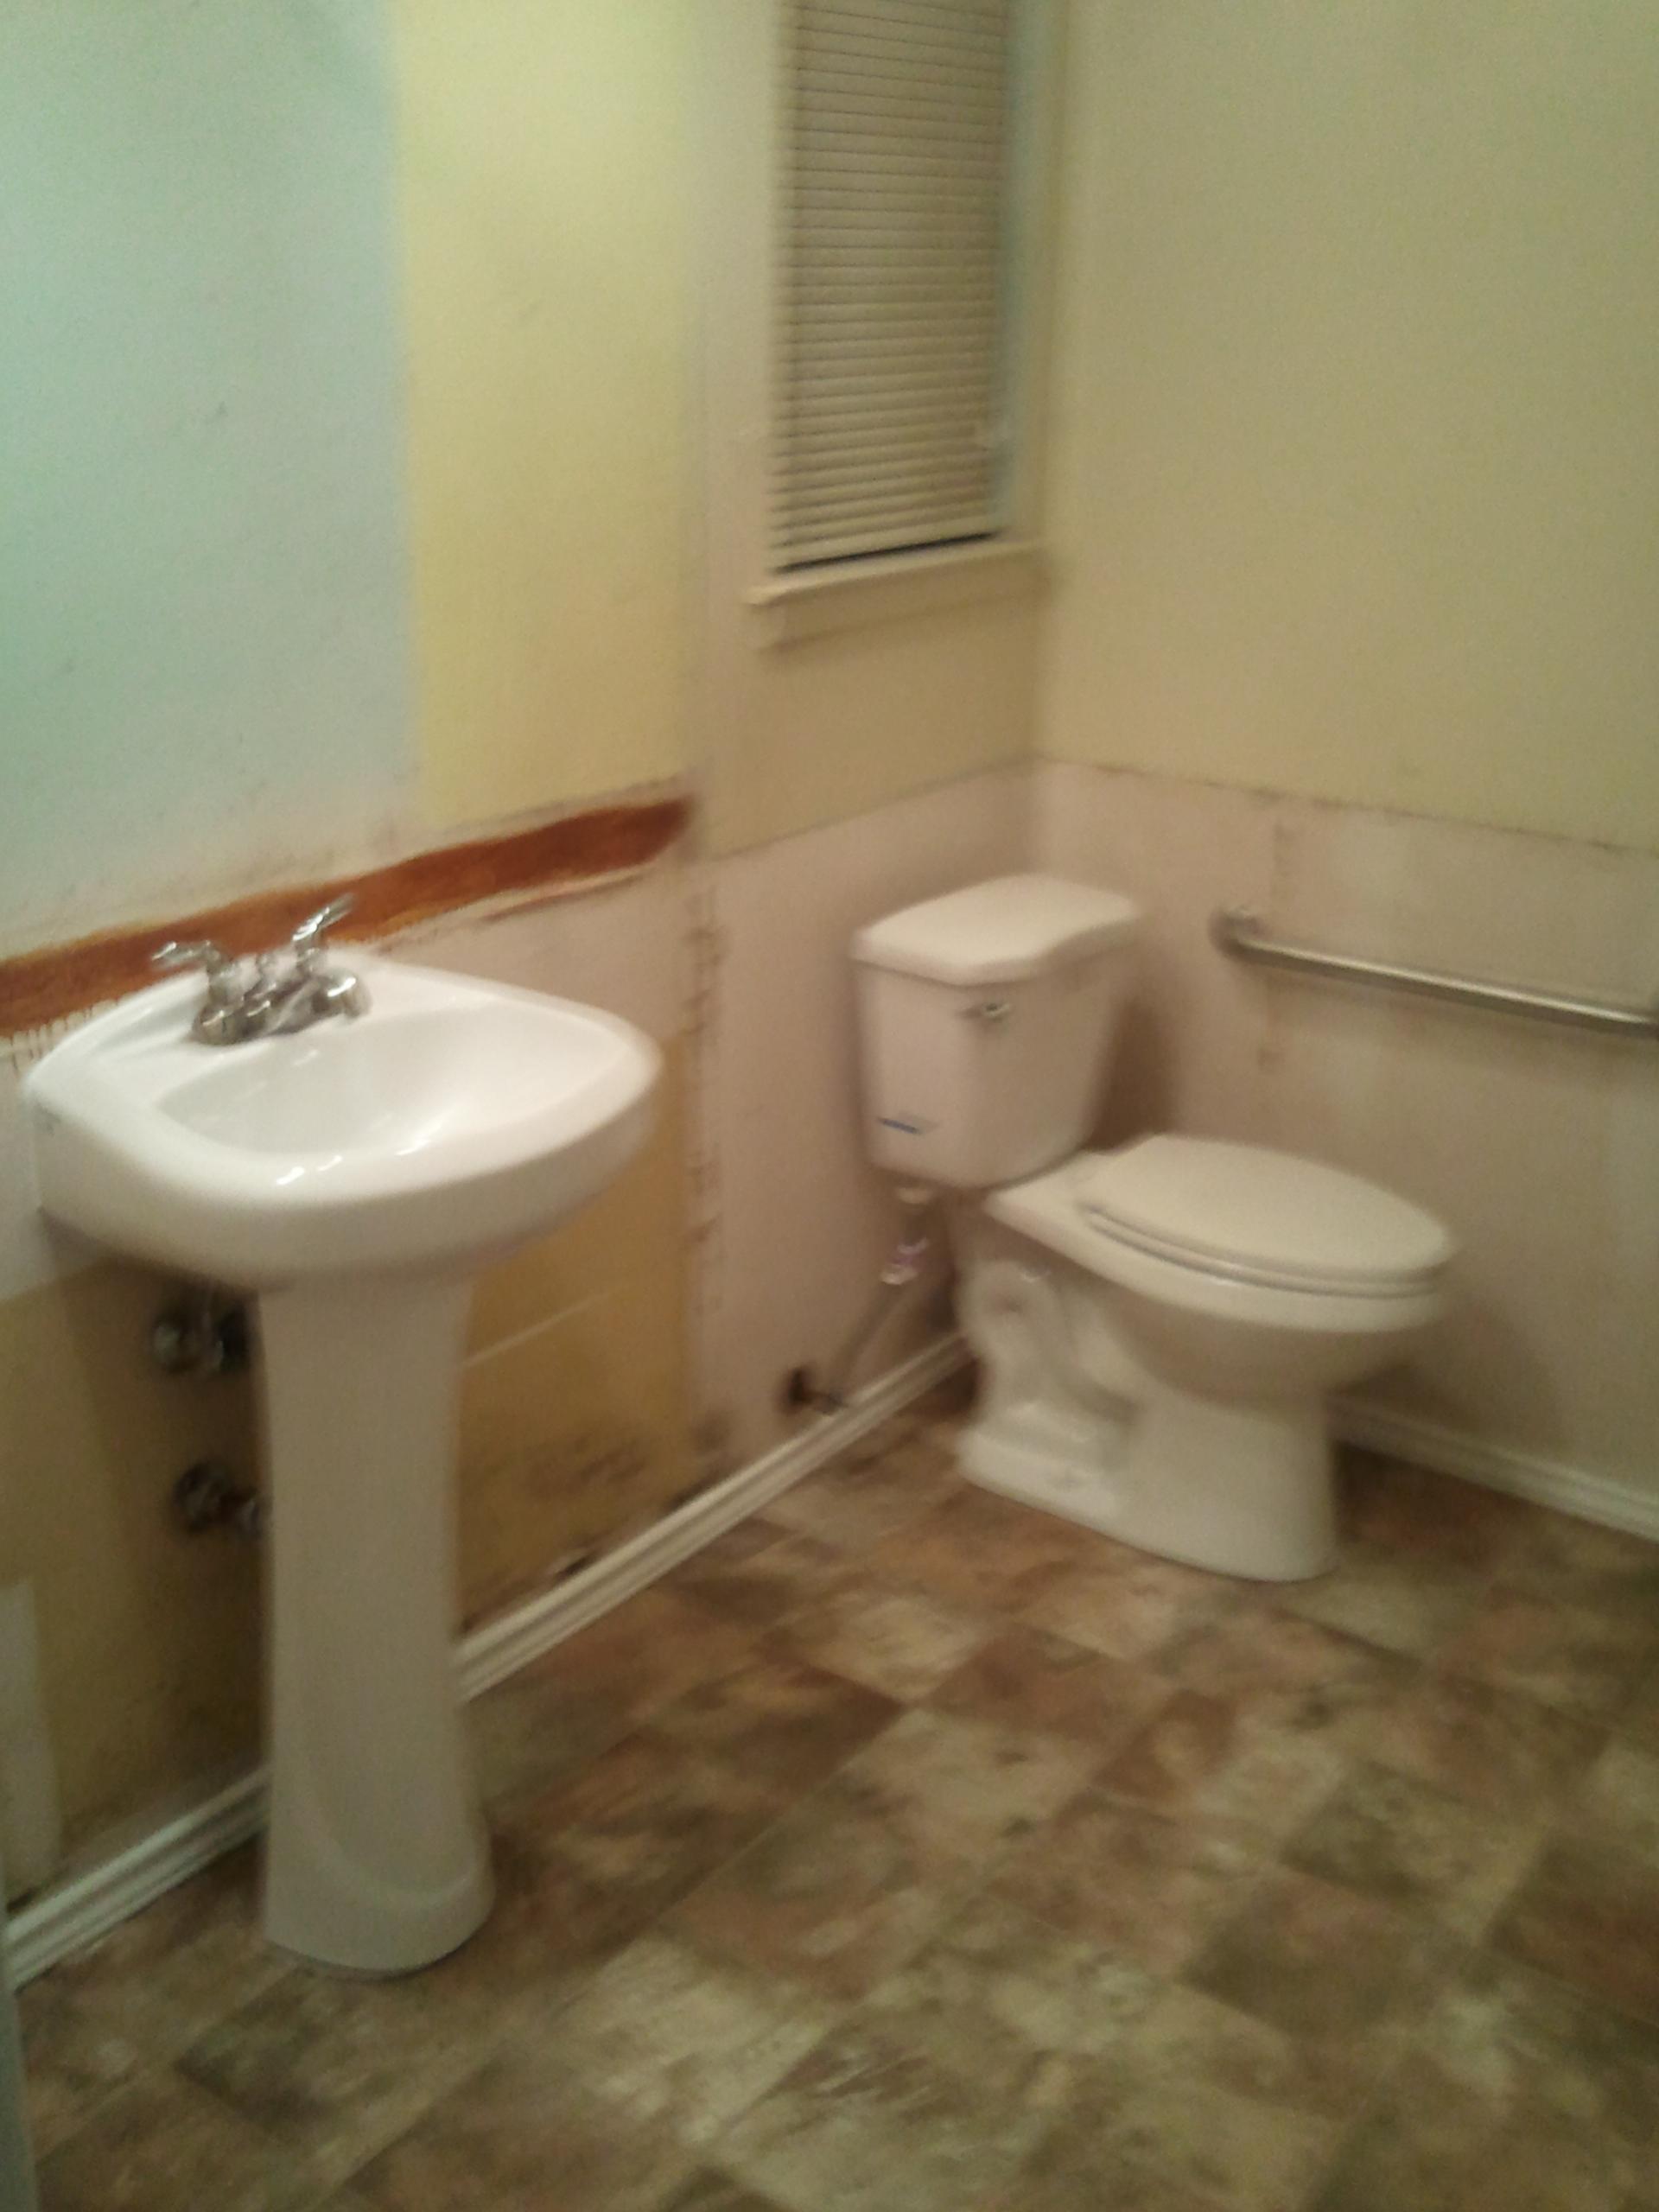 Job 2 New Toilet & Sink & Vinyl floor